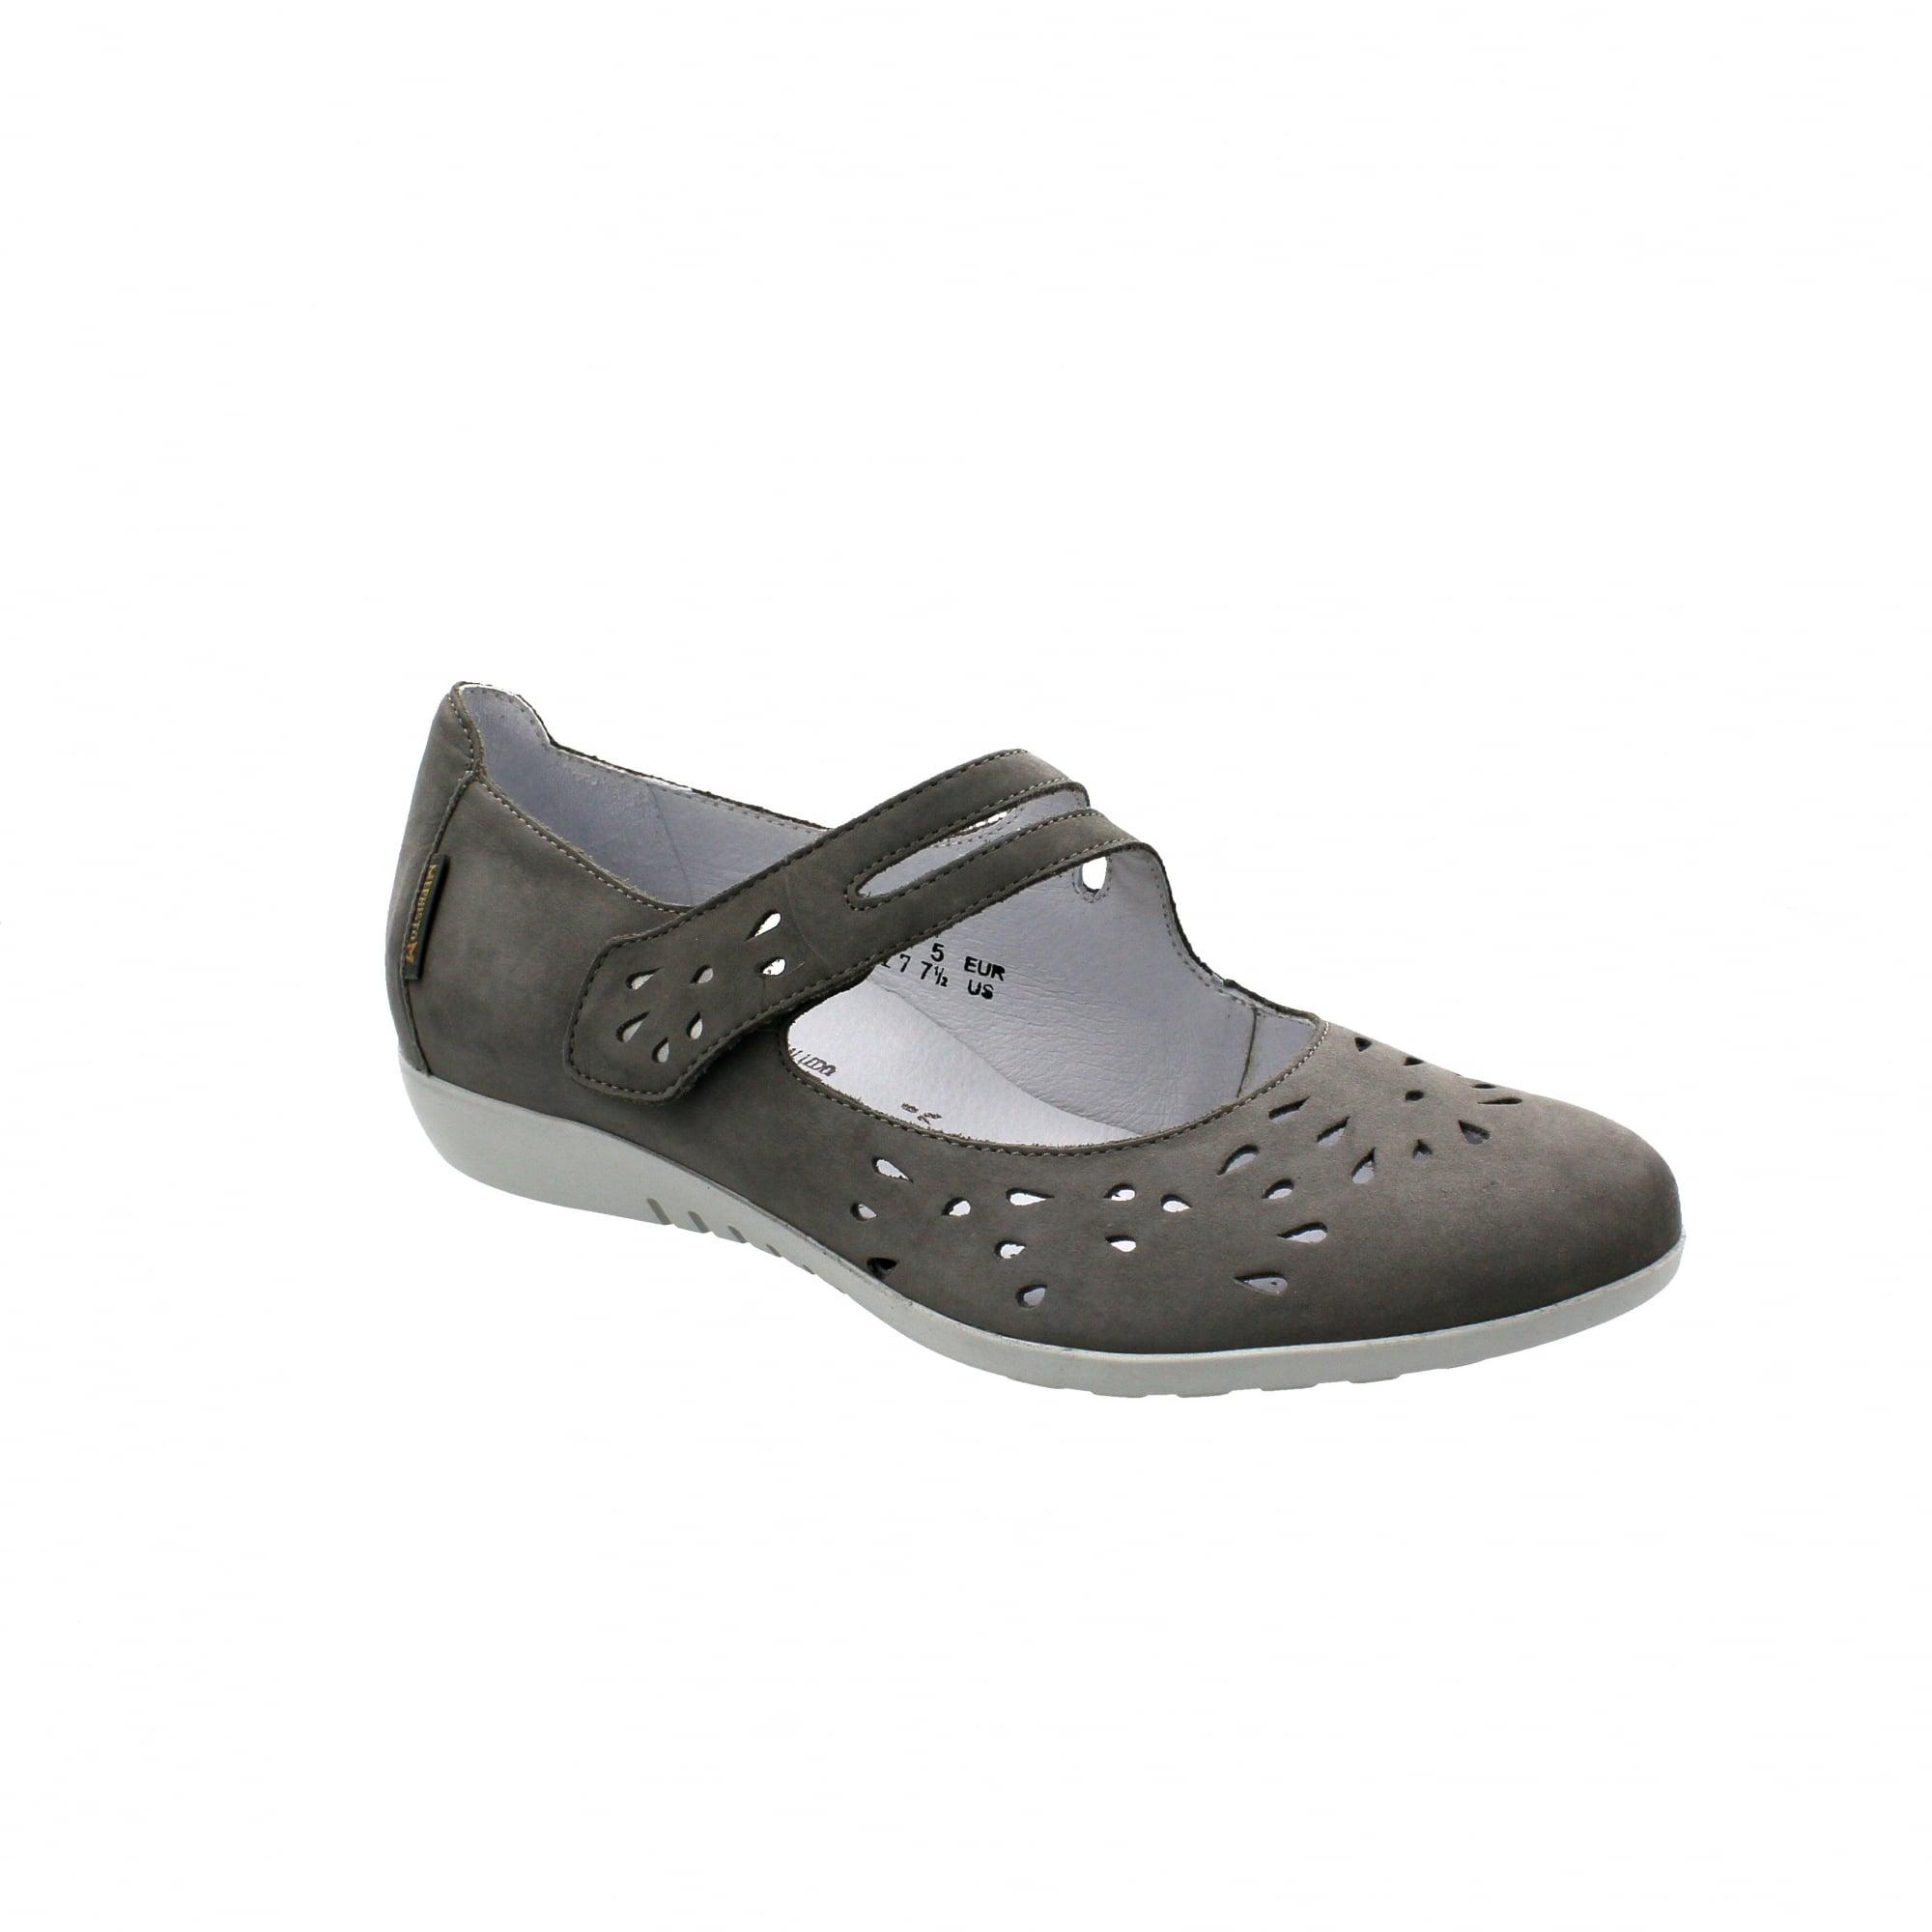 5e6da92859 Mephisto Dora Perf 6908 Womens Mary Jane Bar Shoes